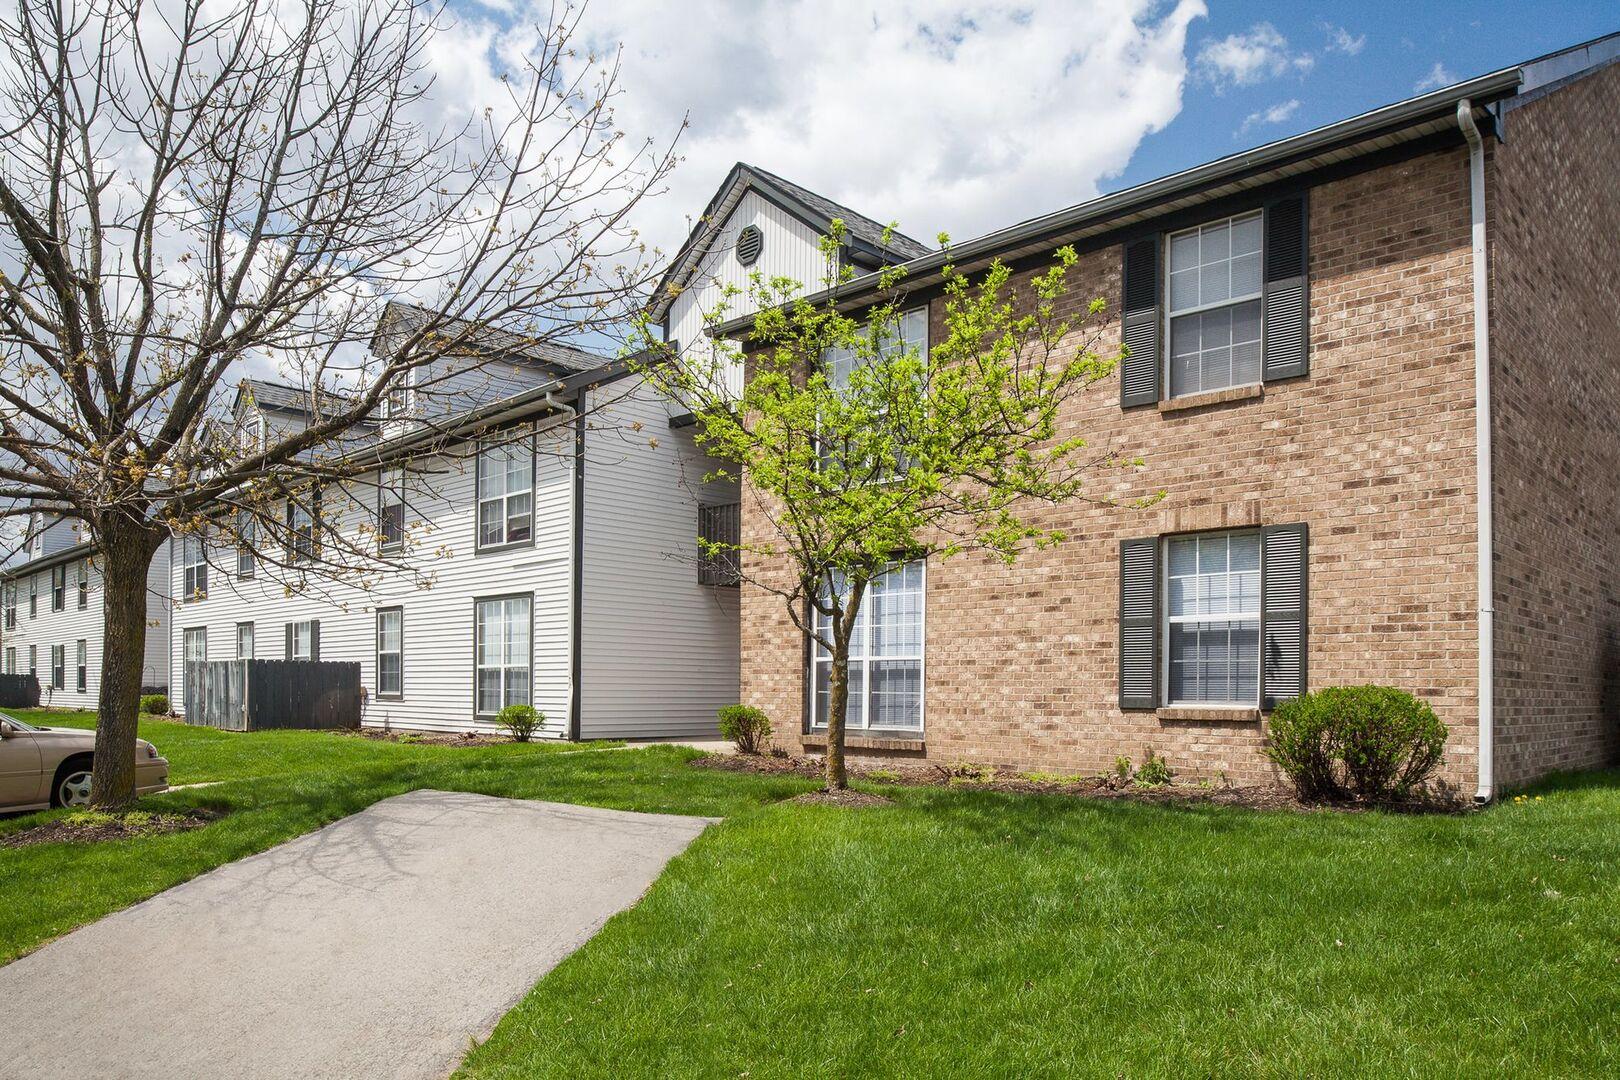 Lakes Edge Apartments Pickerington Ohio